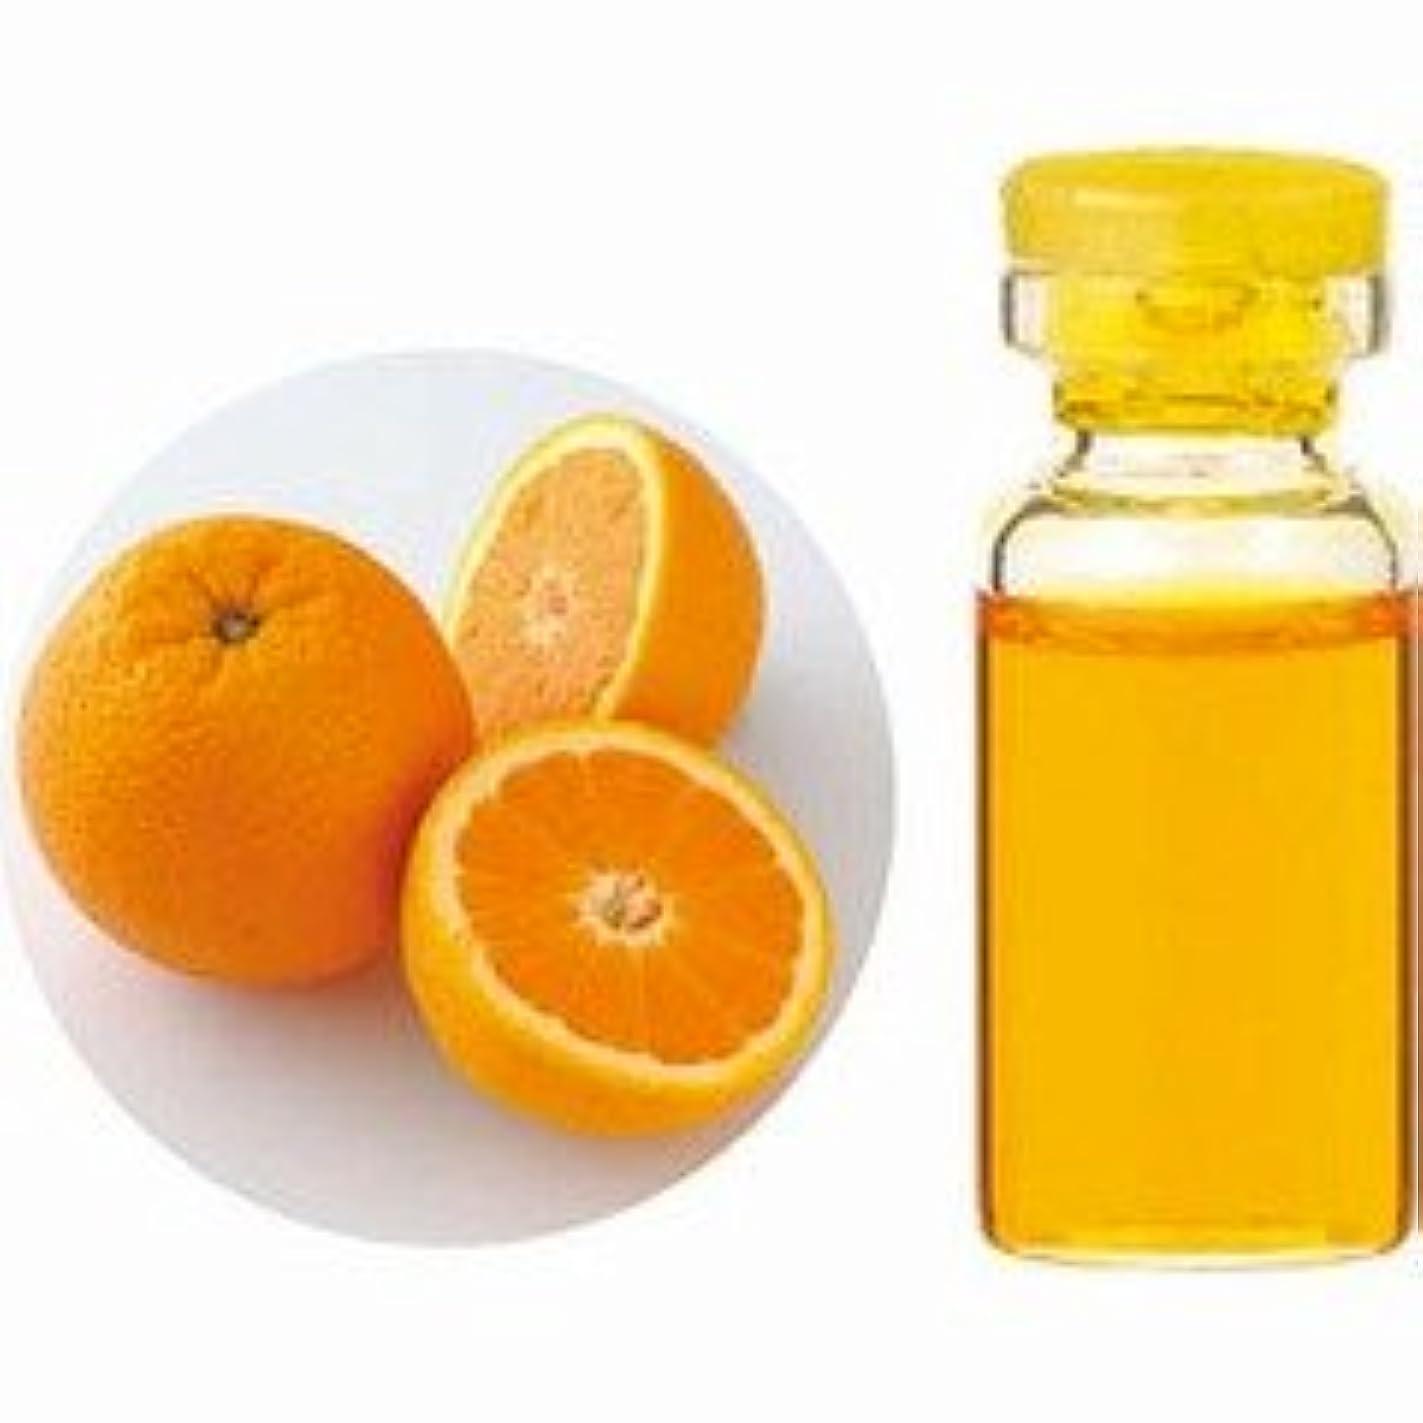 それにもかかわらず和解する角度エッセンシャルオイル(精油) オレンジスイート 10ml 【生活の木】